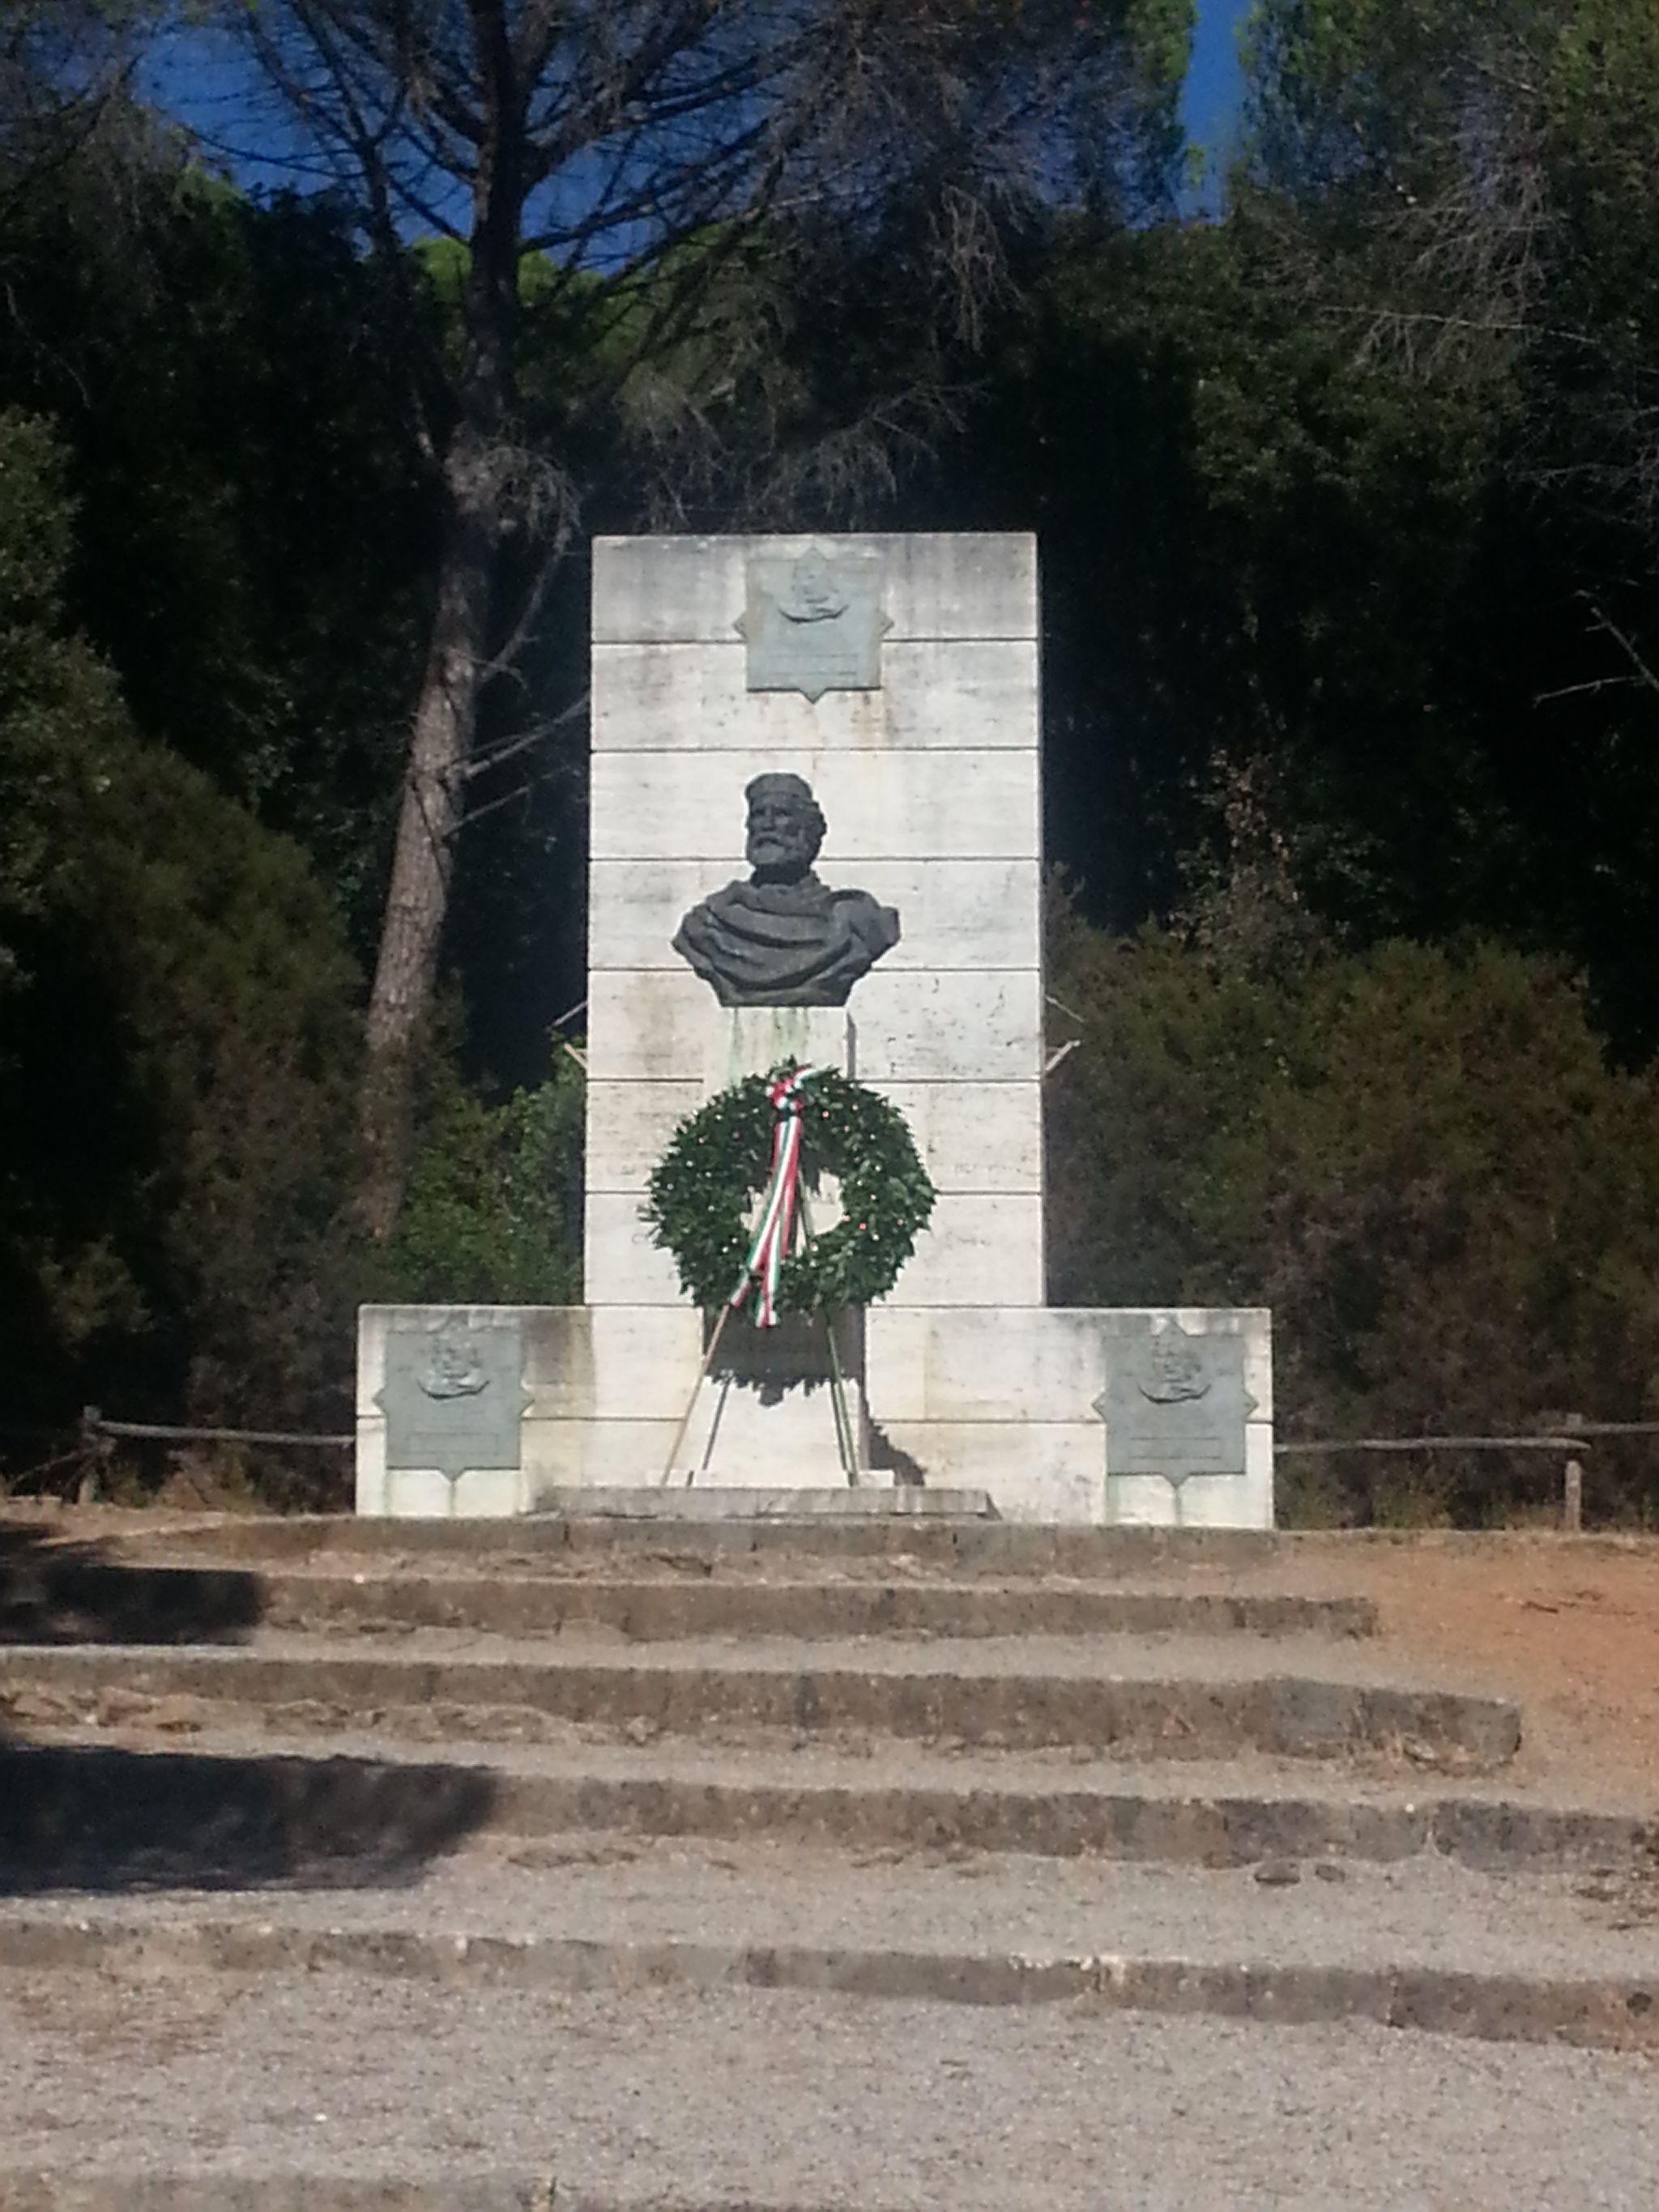 Monumento Garibaldi Puntone 2013-09-03 15.57.18